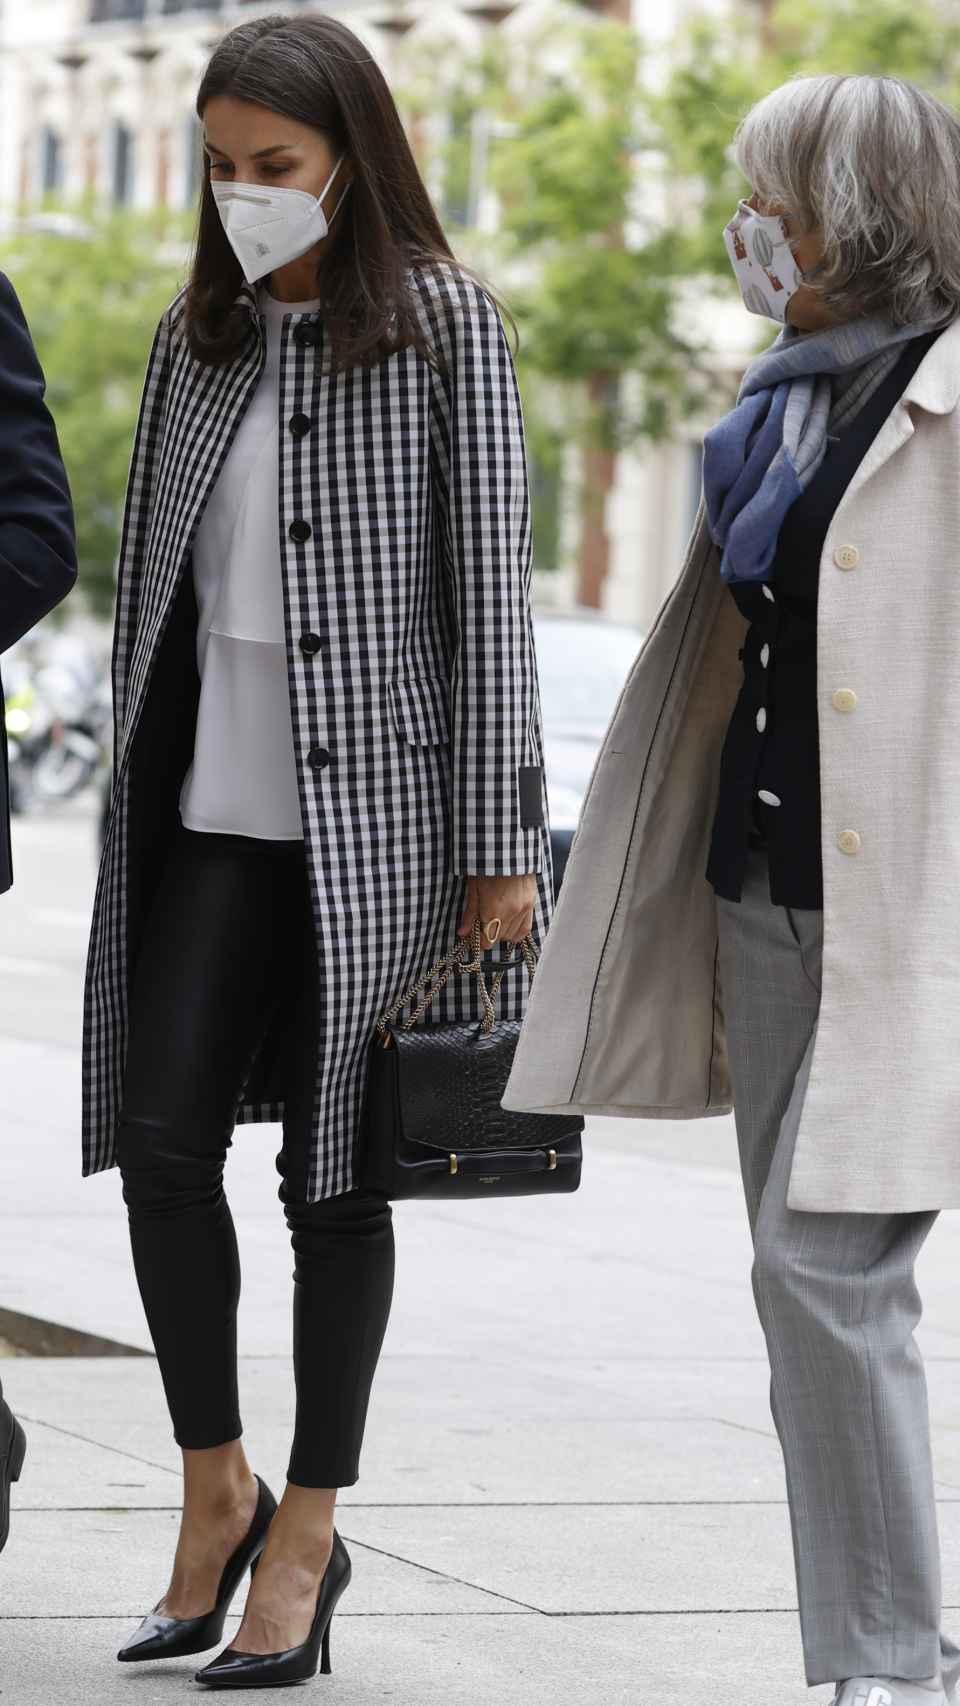 Letizia con una combinación en blanco y negro estrenando abrigo y camisa.